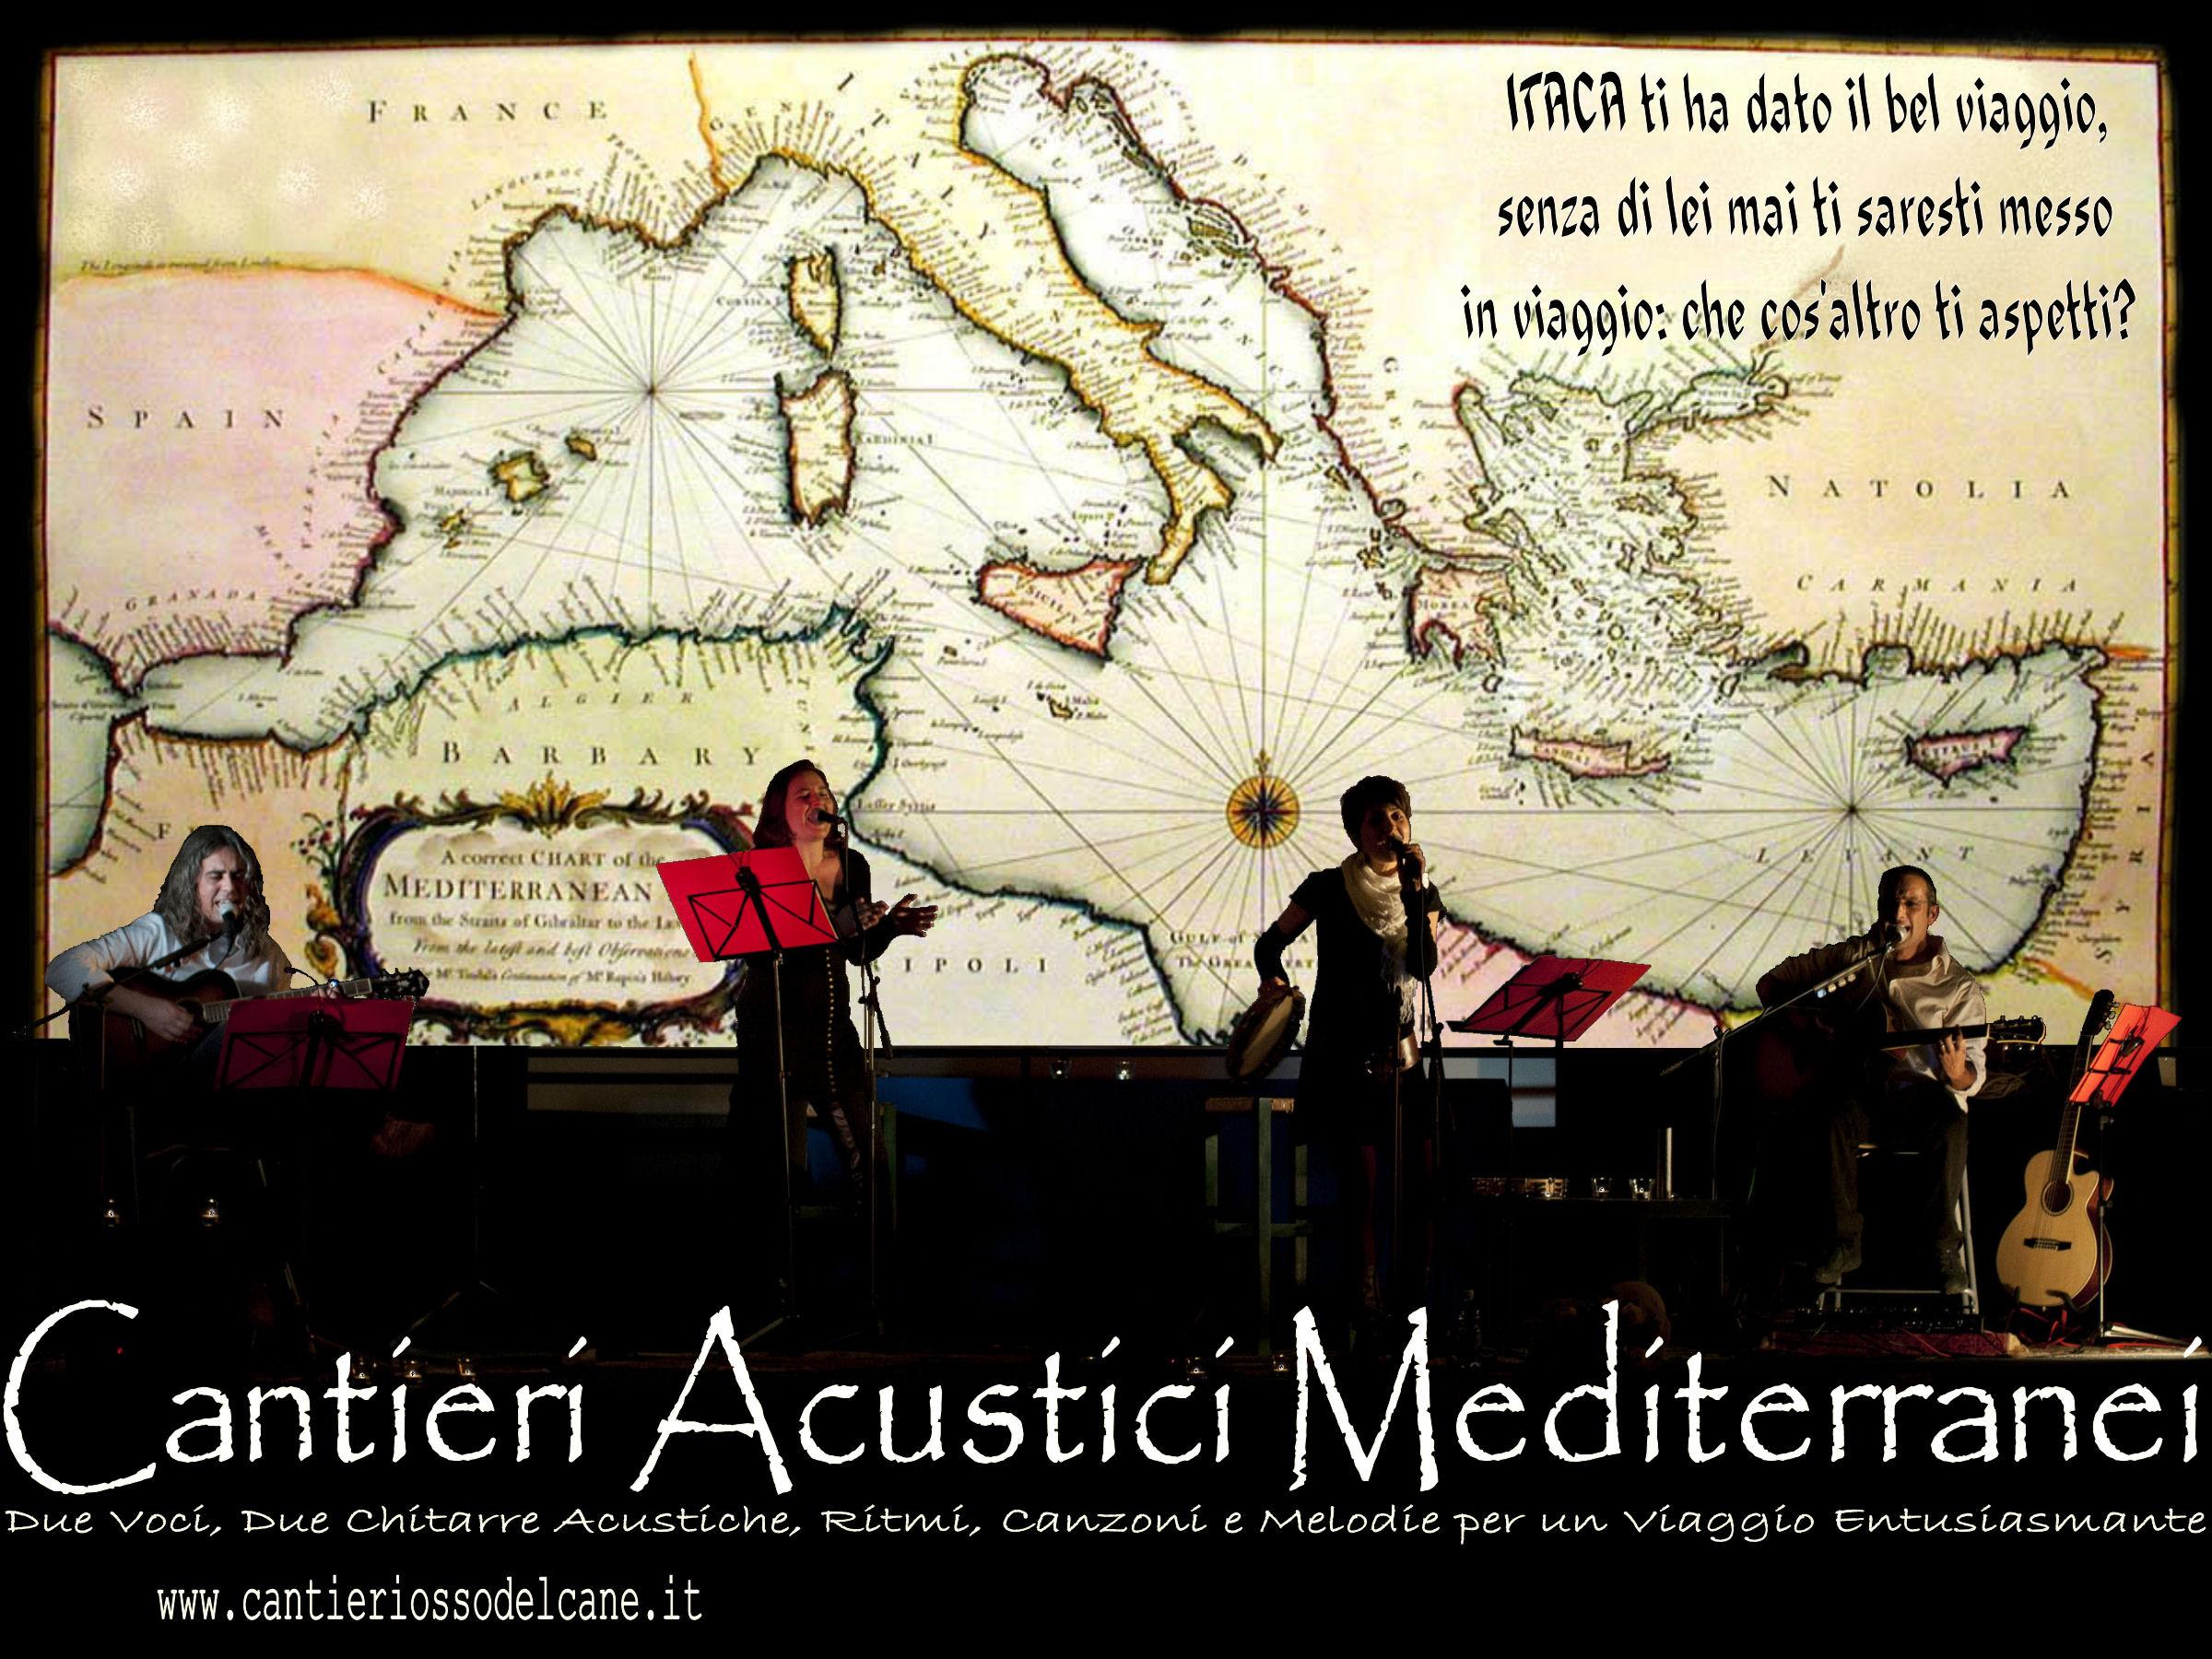 Cantieri Acustici Mediterranei in concerto